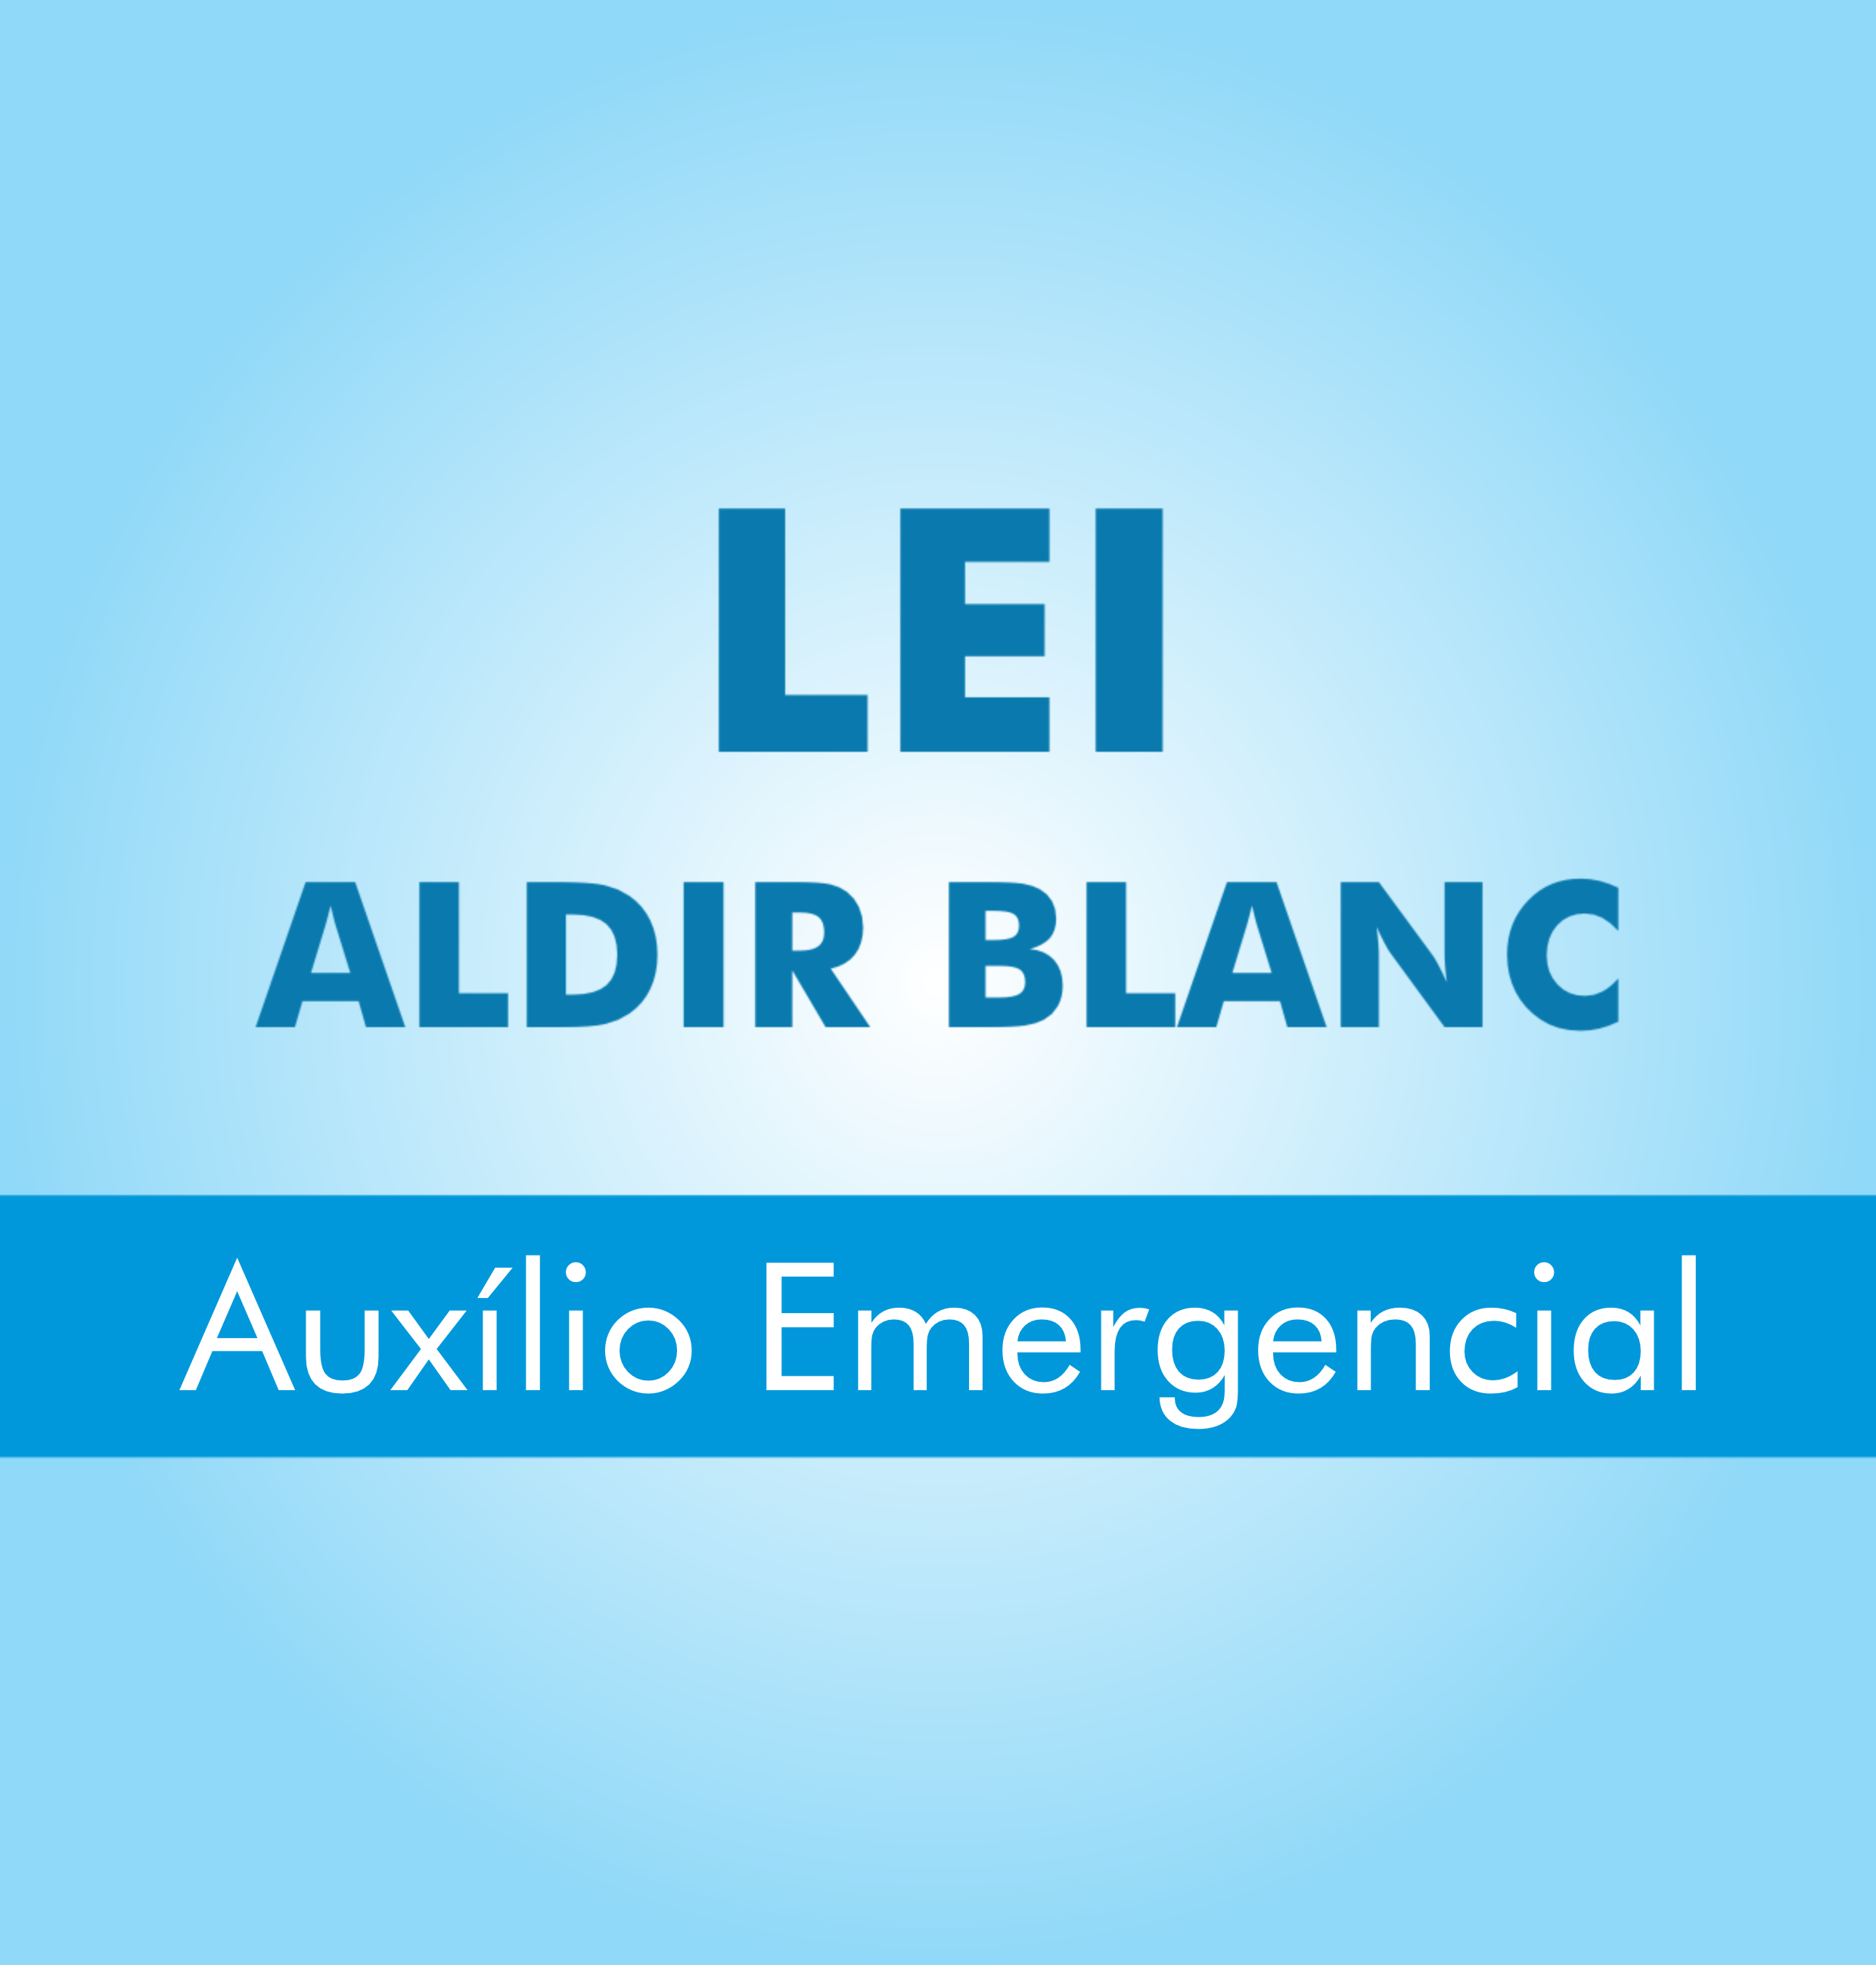 LEI ALDIR BLANC - interno